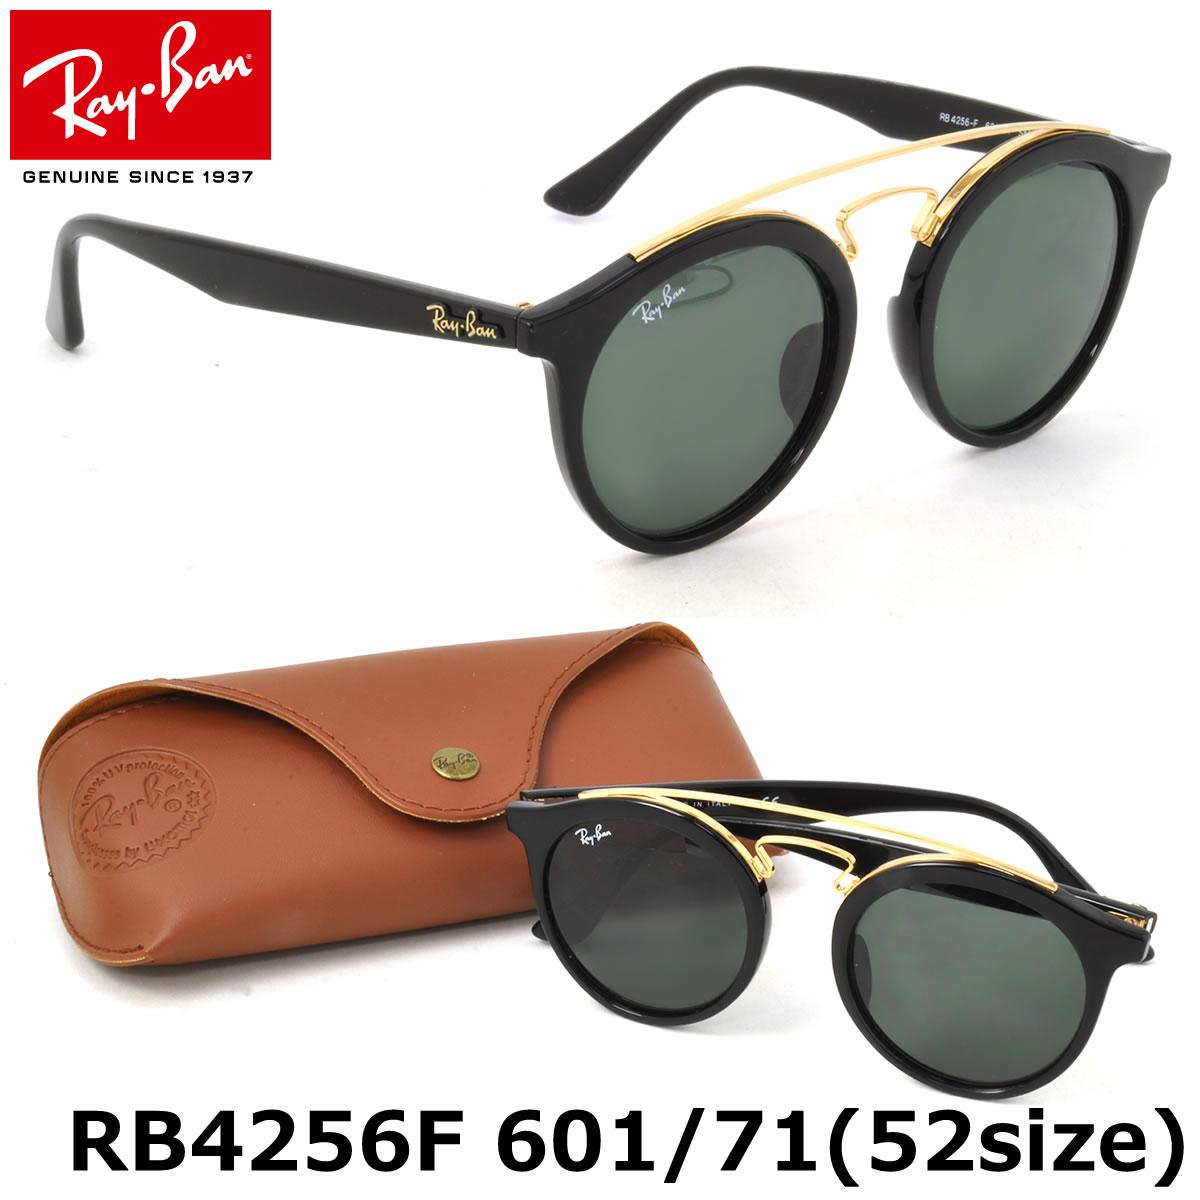 ddda6b127af Optical Shop Thats  Ray-Ban Sunglasses RB4256F 601 71 52size GATSBY ...